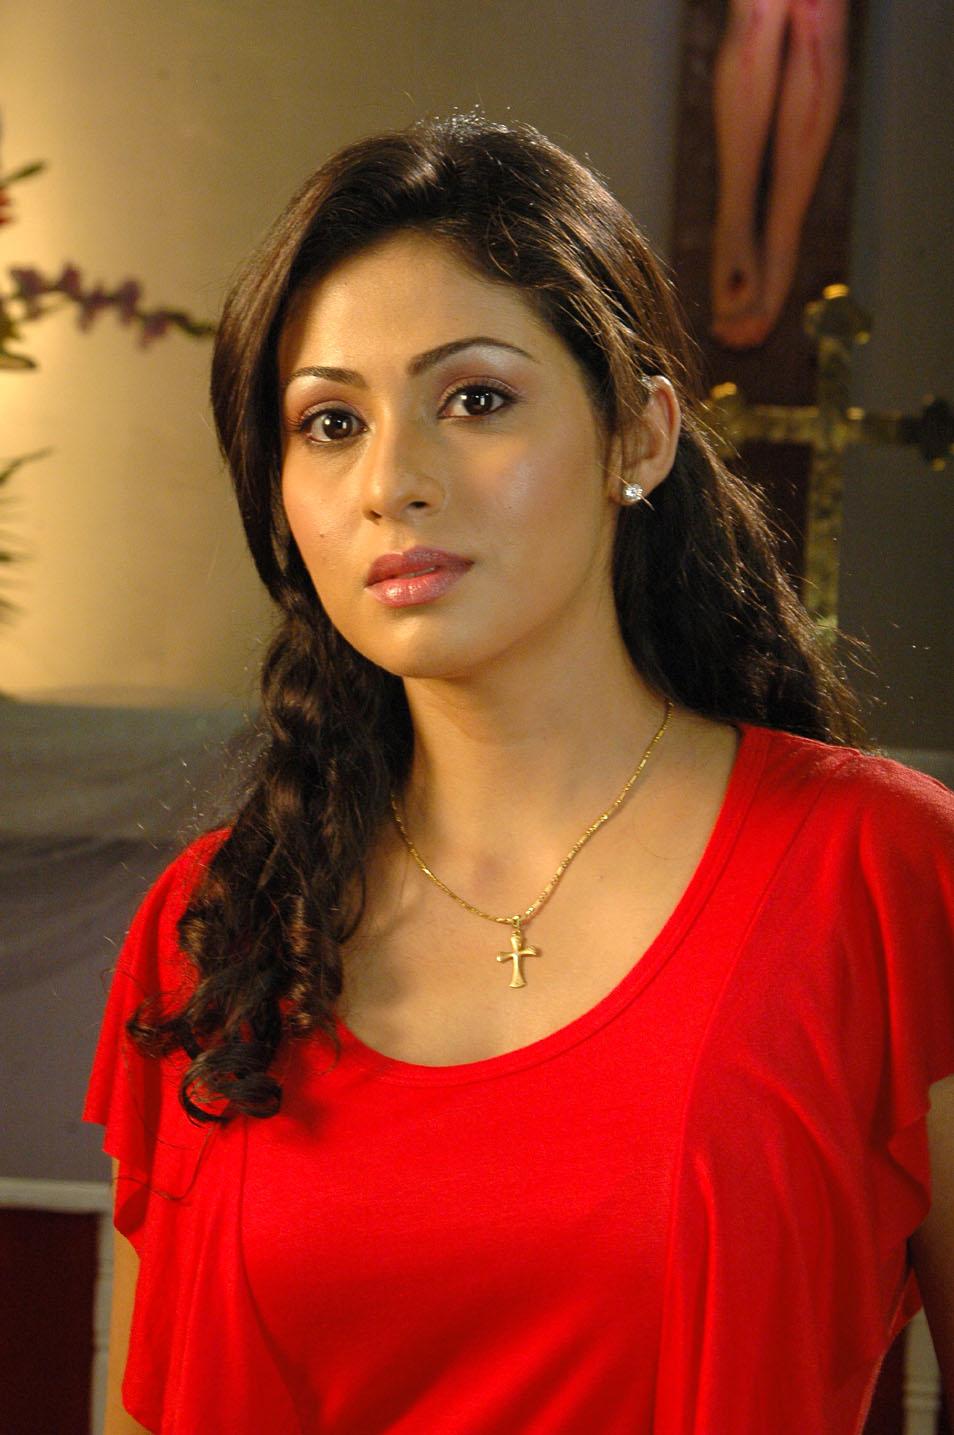 Busty Actress Sada Cute Latest Stills - Actress shOts